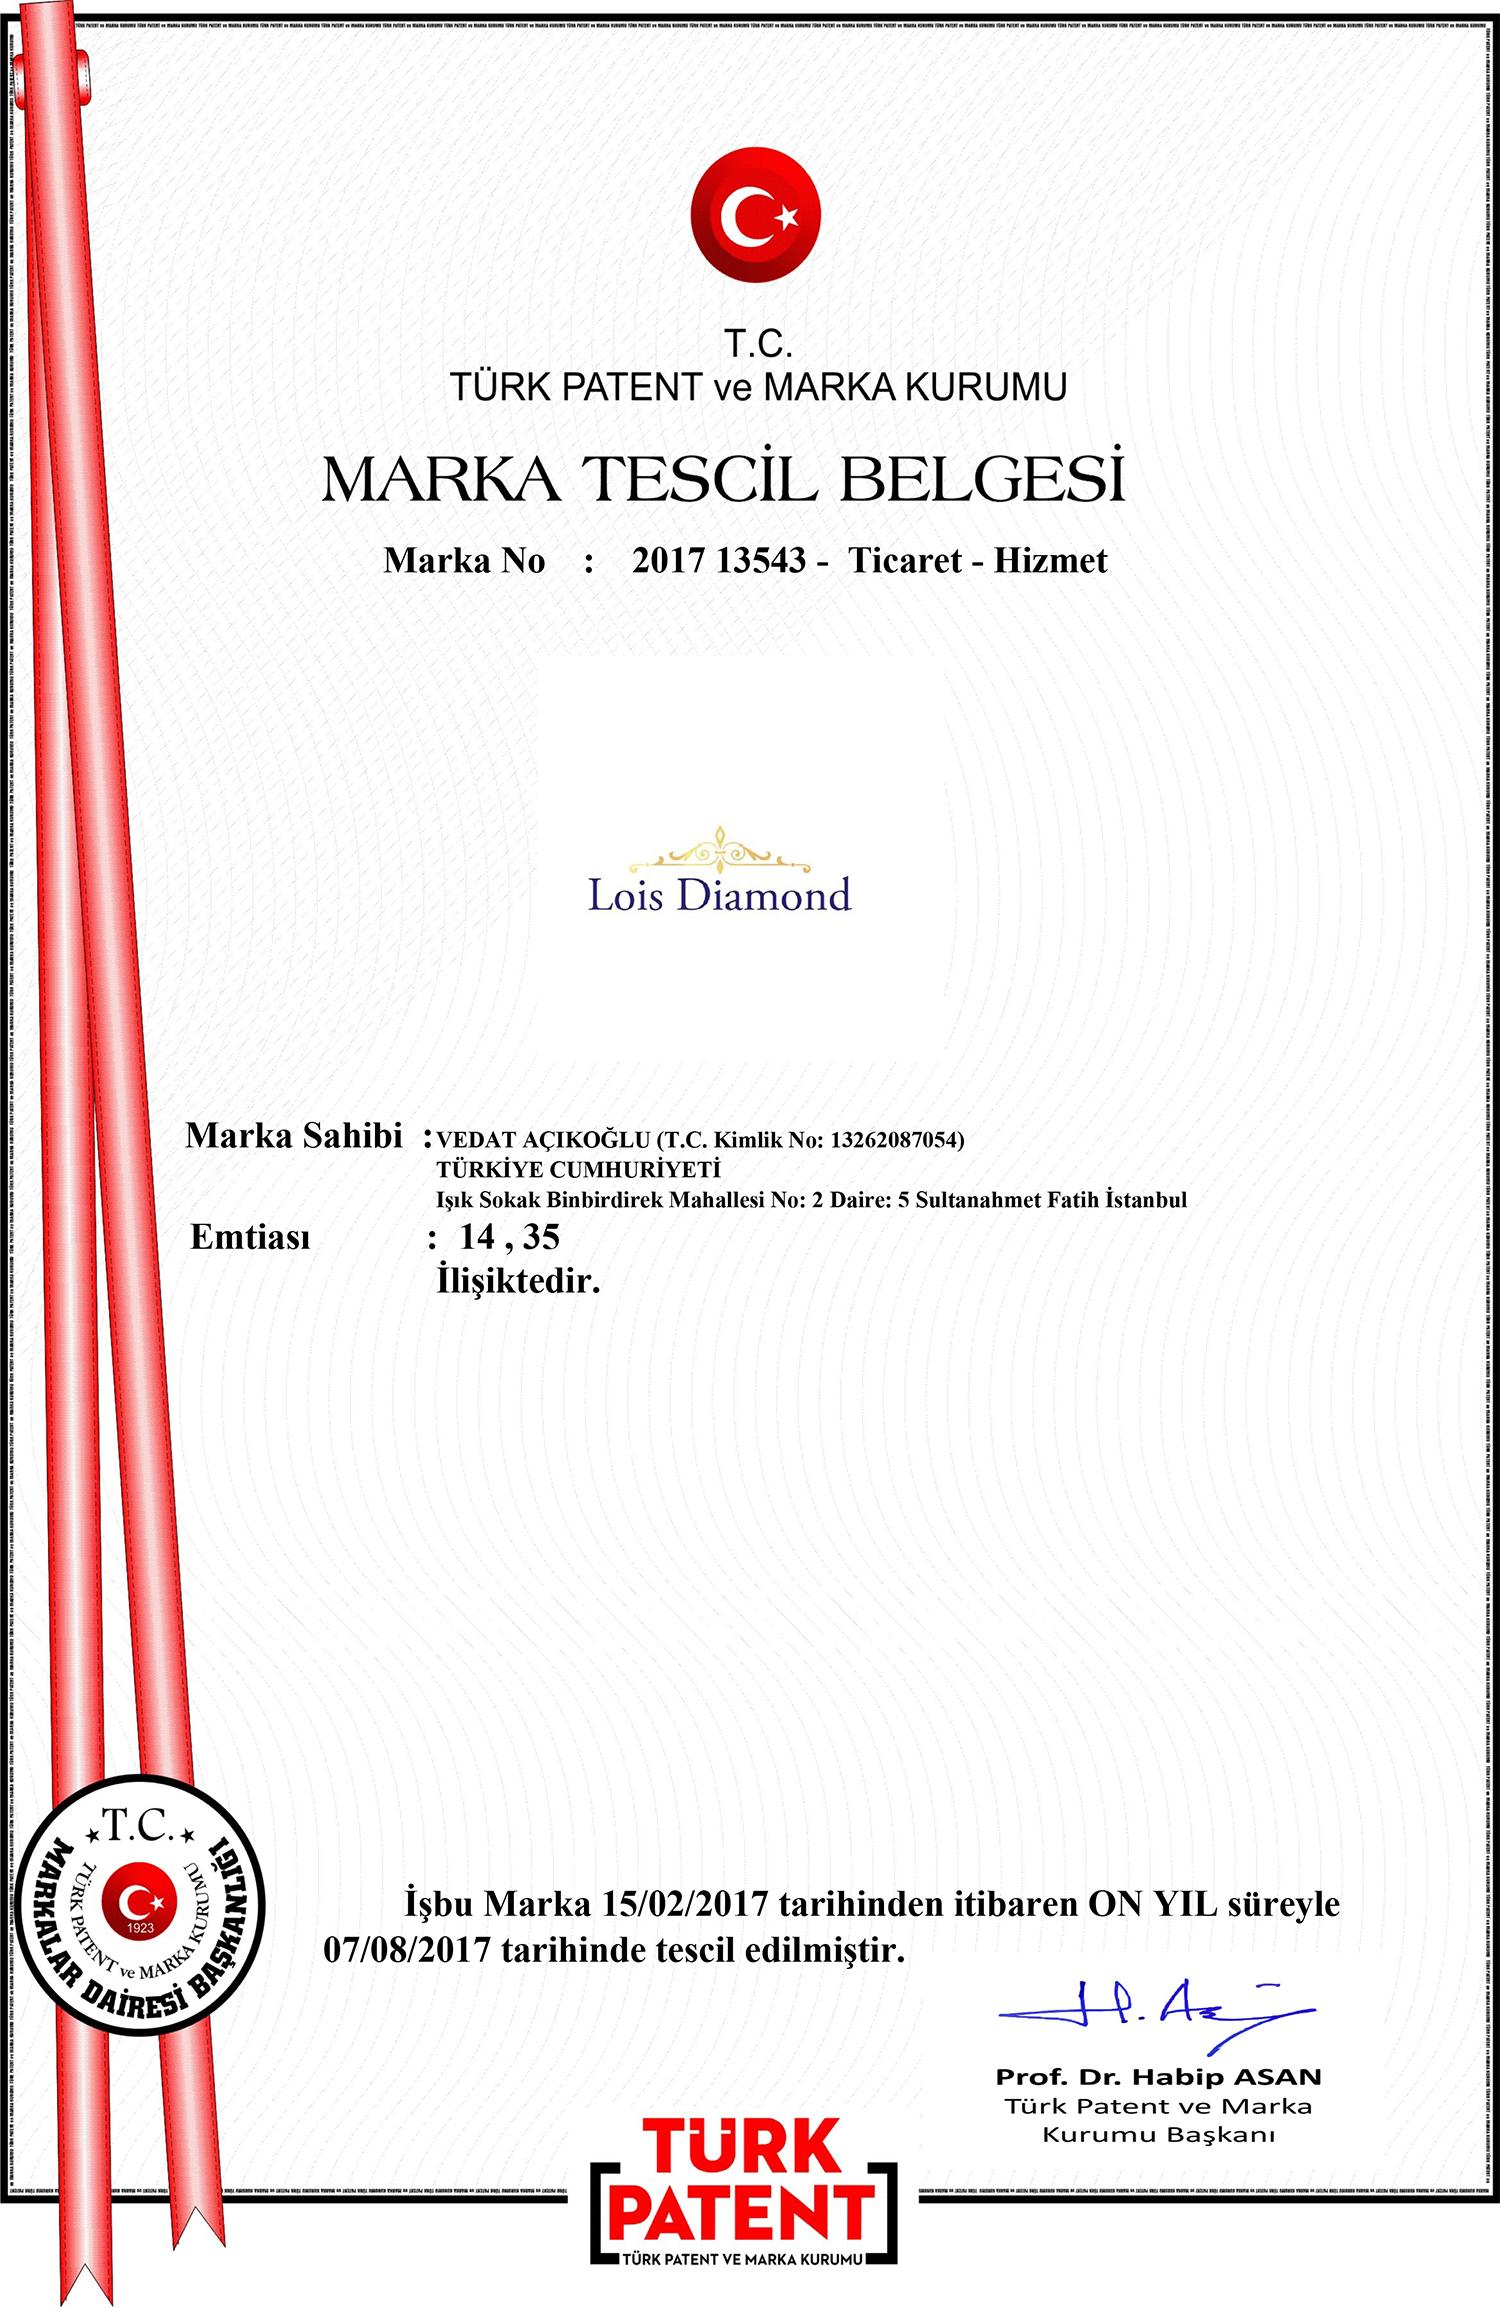 Lois Diamond - Marka Tescil Belgesi